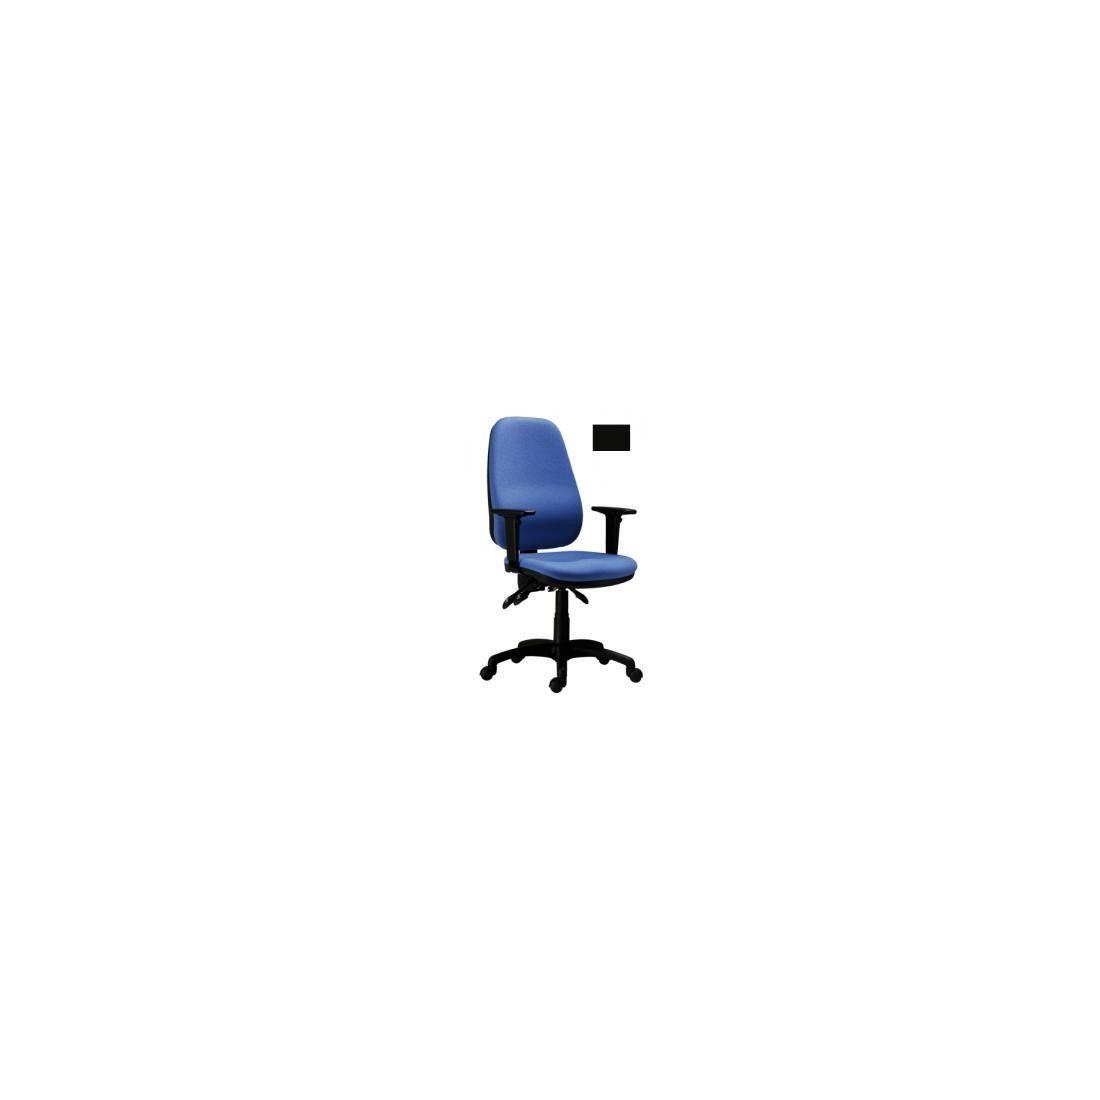 1a6b1723b7ed Tonery pre každú tlačiareň - Kancelárske potreby - Nábytok a ...